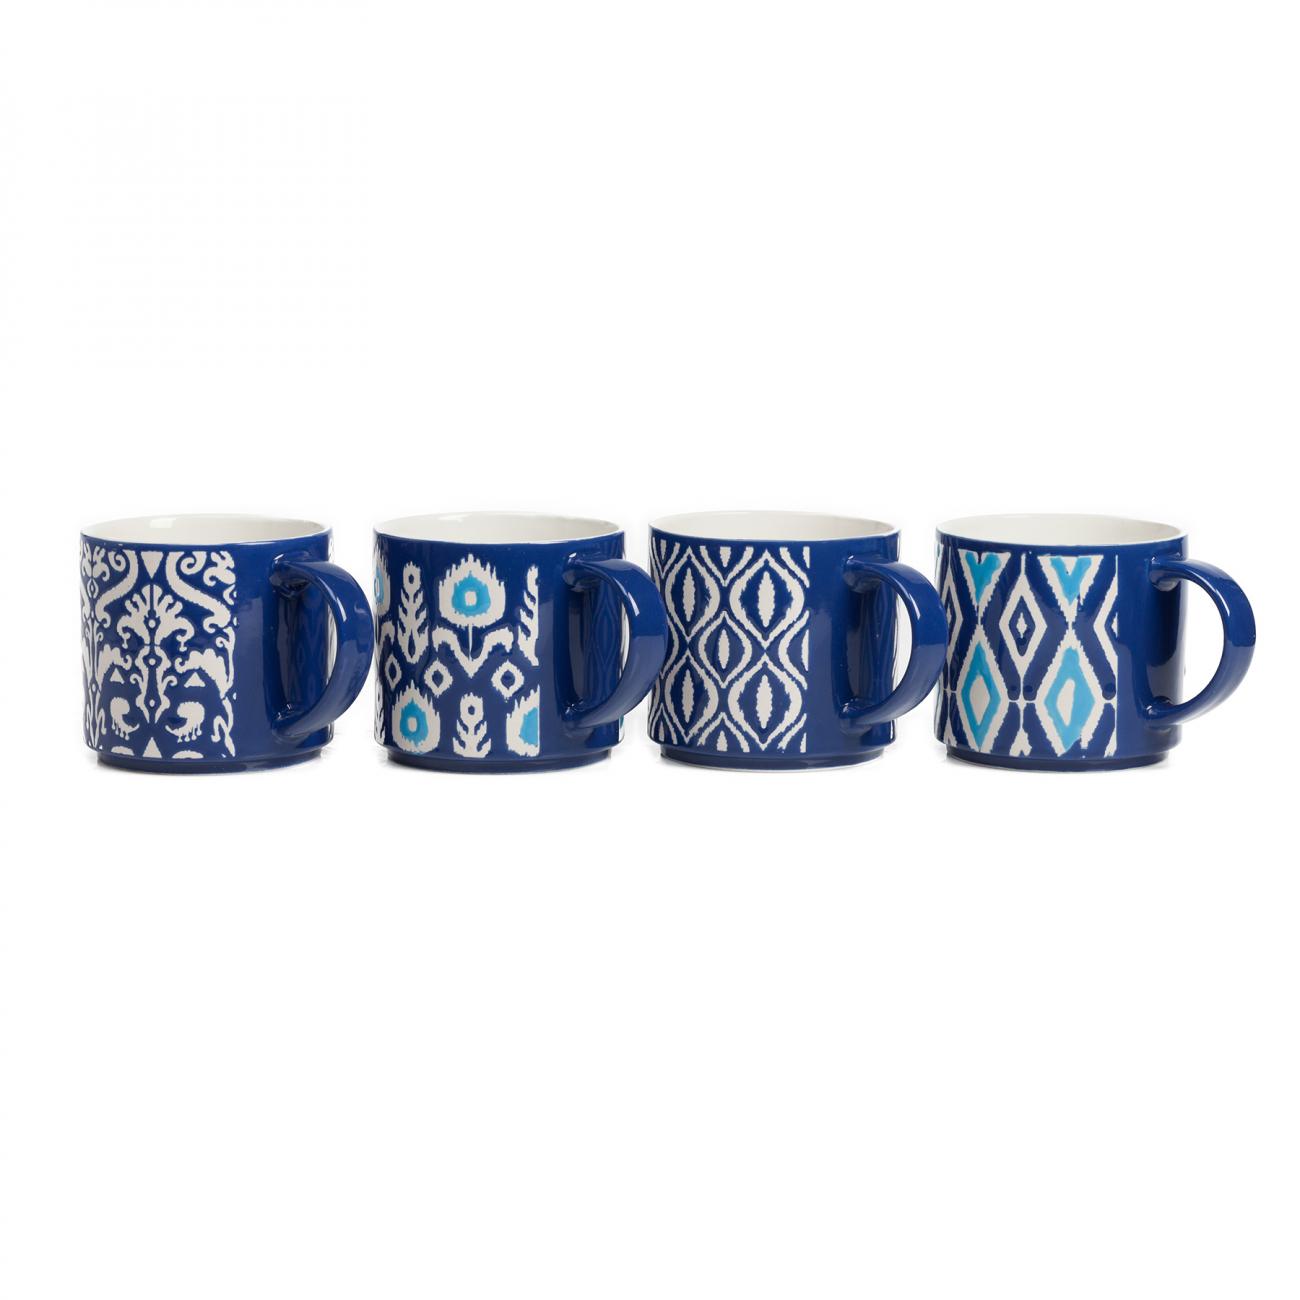 Купить Набор из 4 чашек Charmer в интернет магазине дизайнерской мебели и аксессуаров для дома и дачи